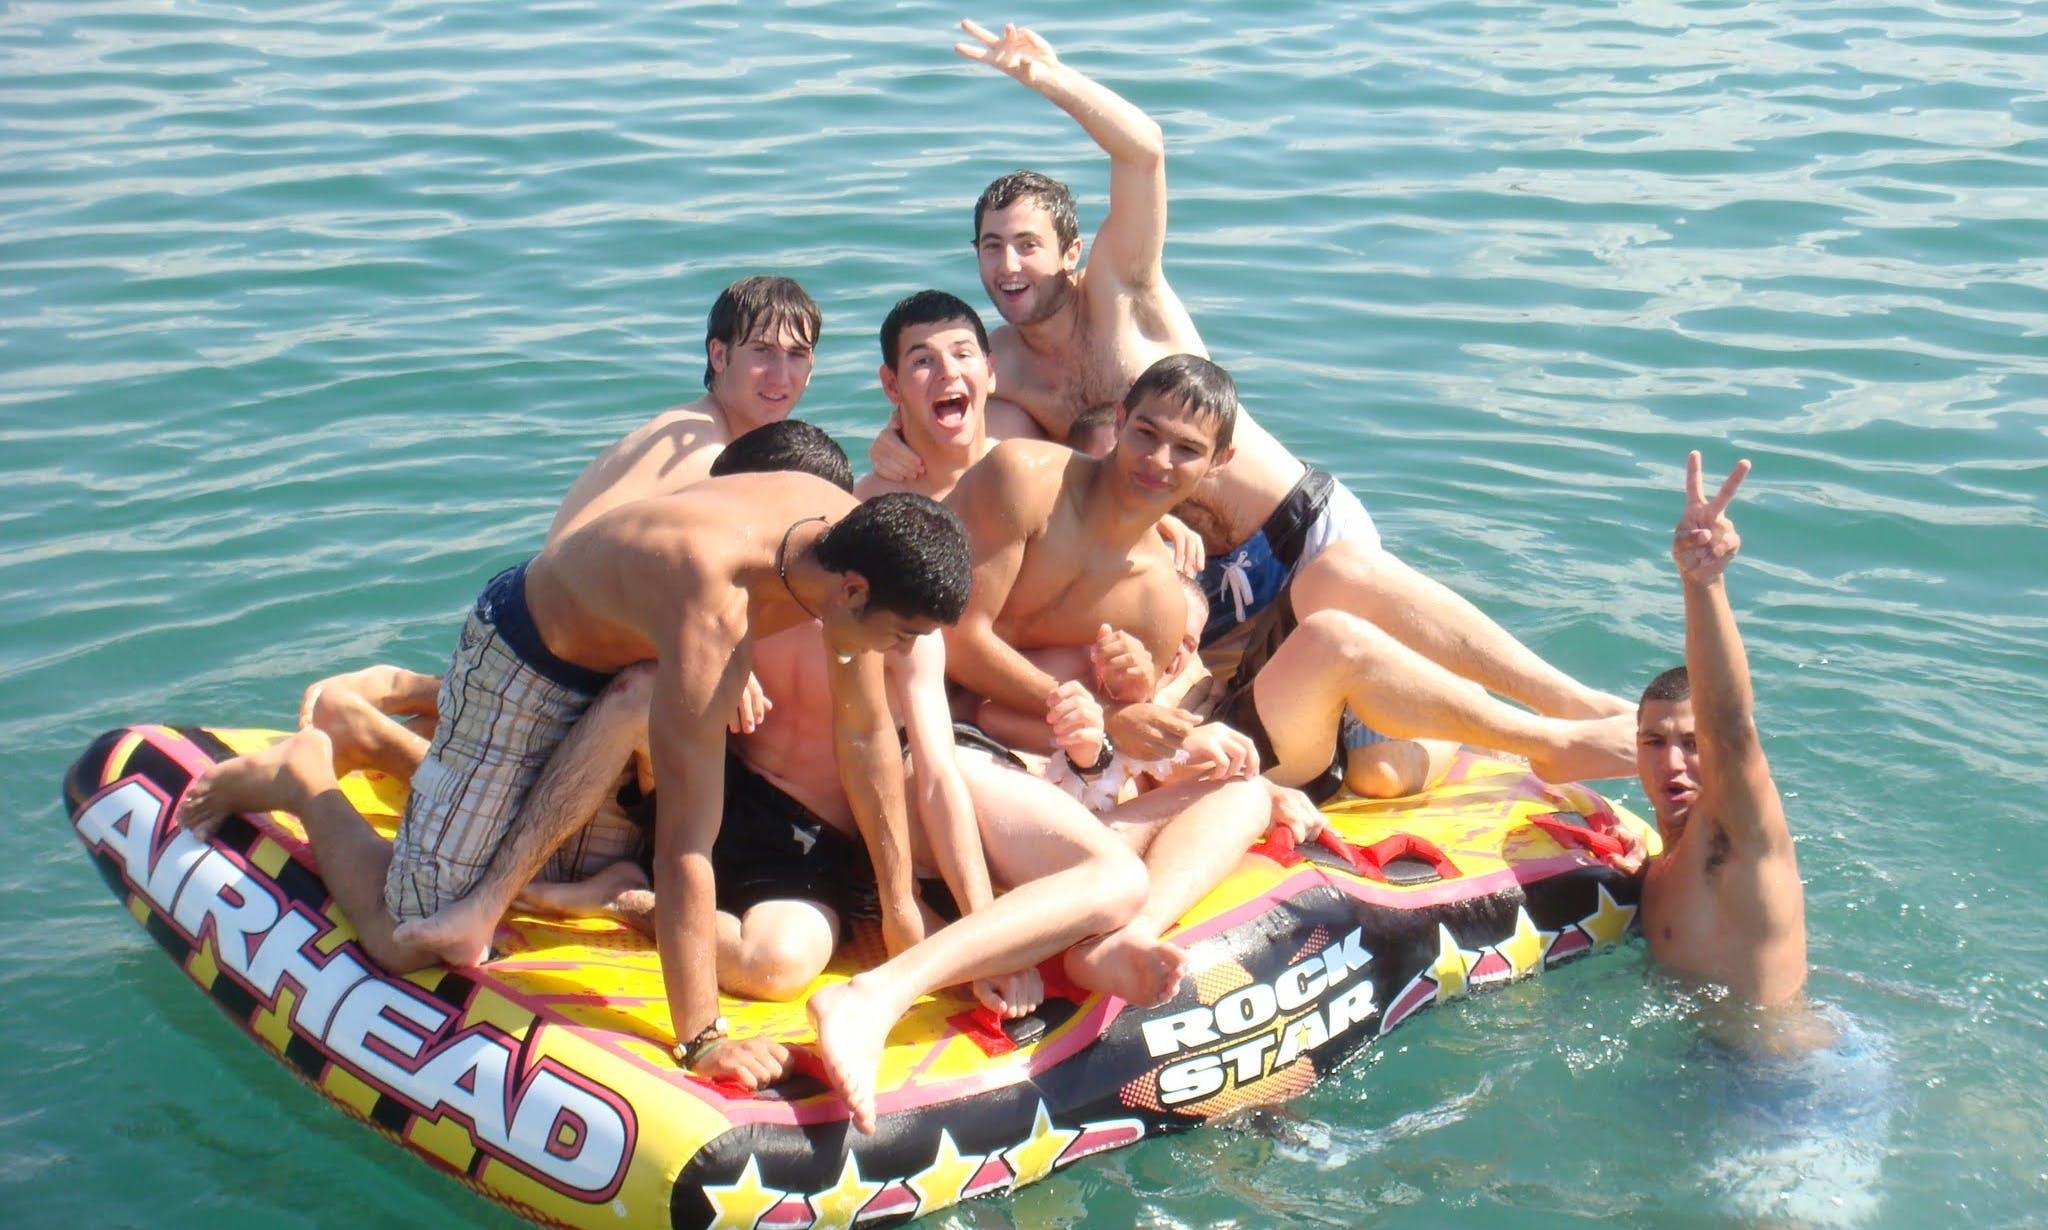 Boatparty for 40p in Tel Aviv Marina